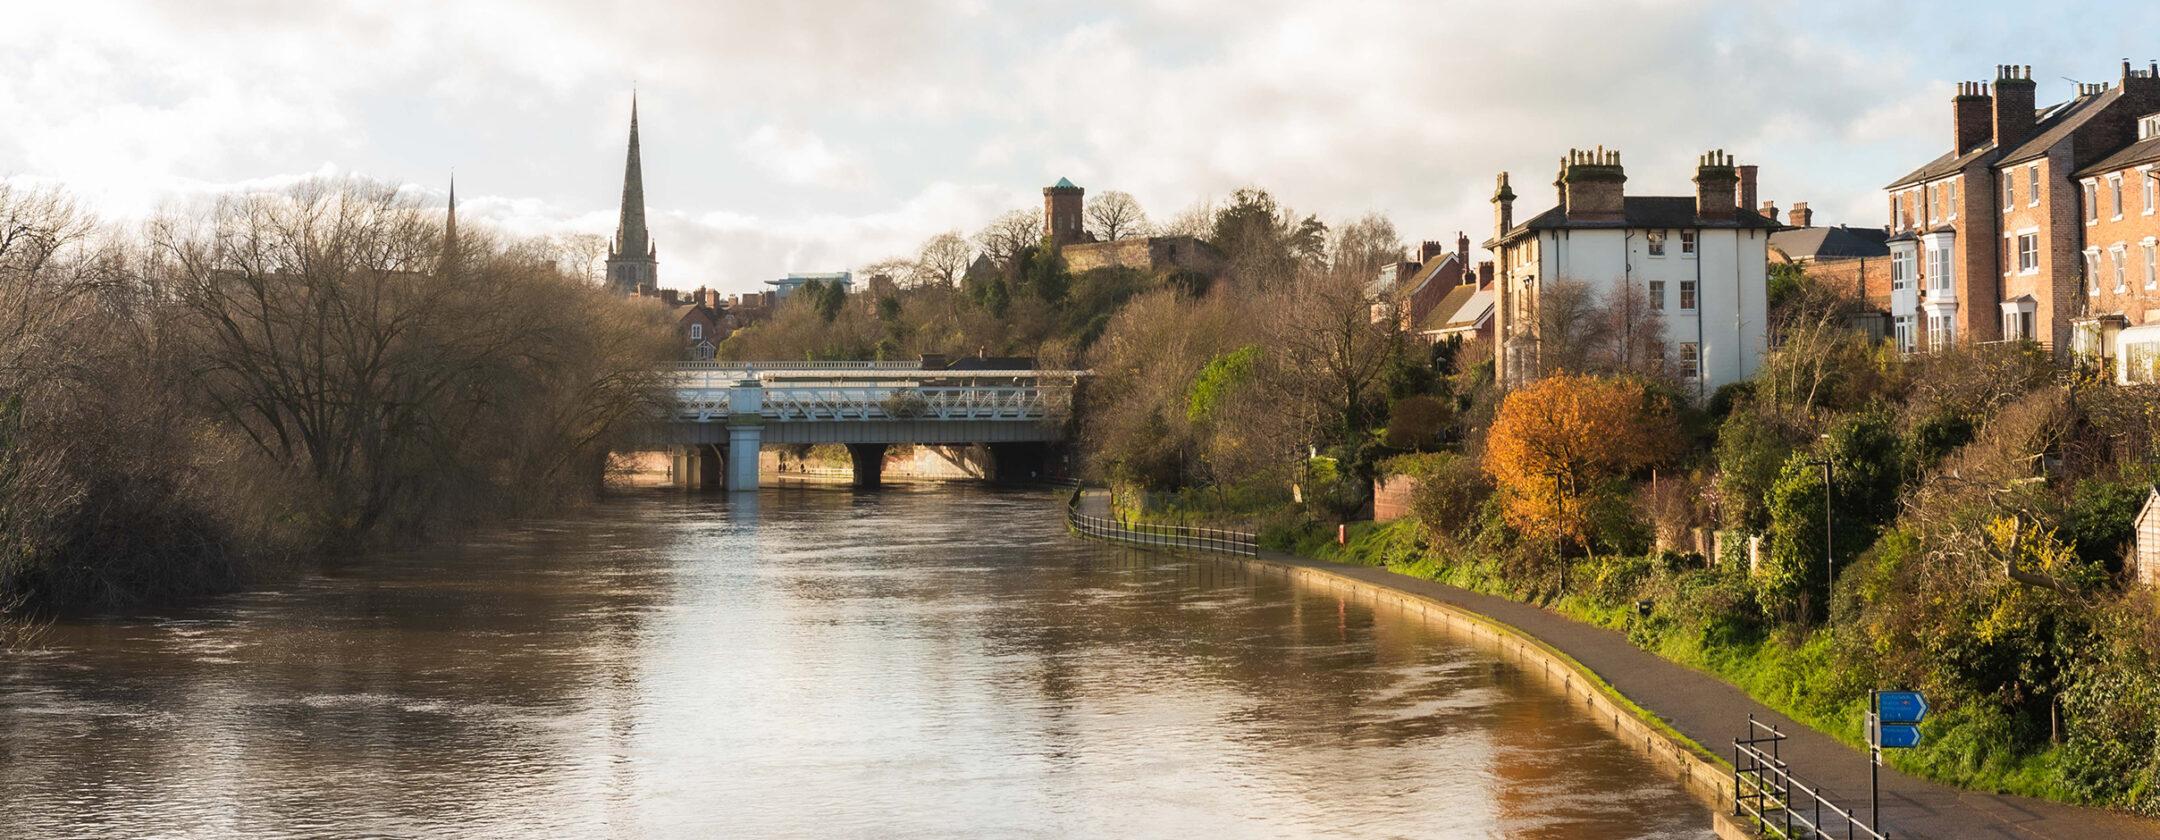 Scenery in Shrewsbury